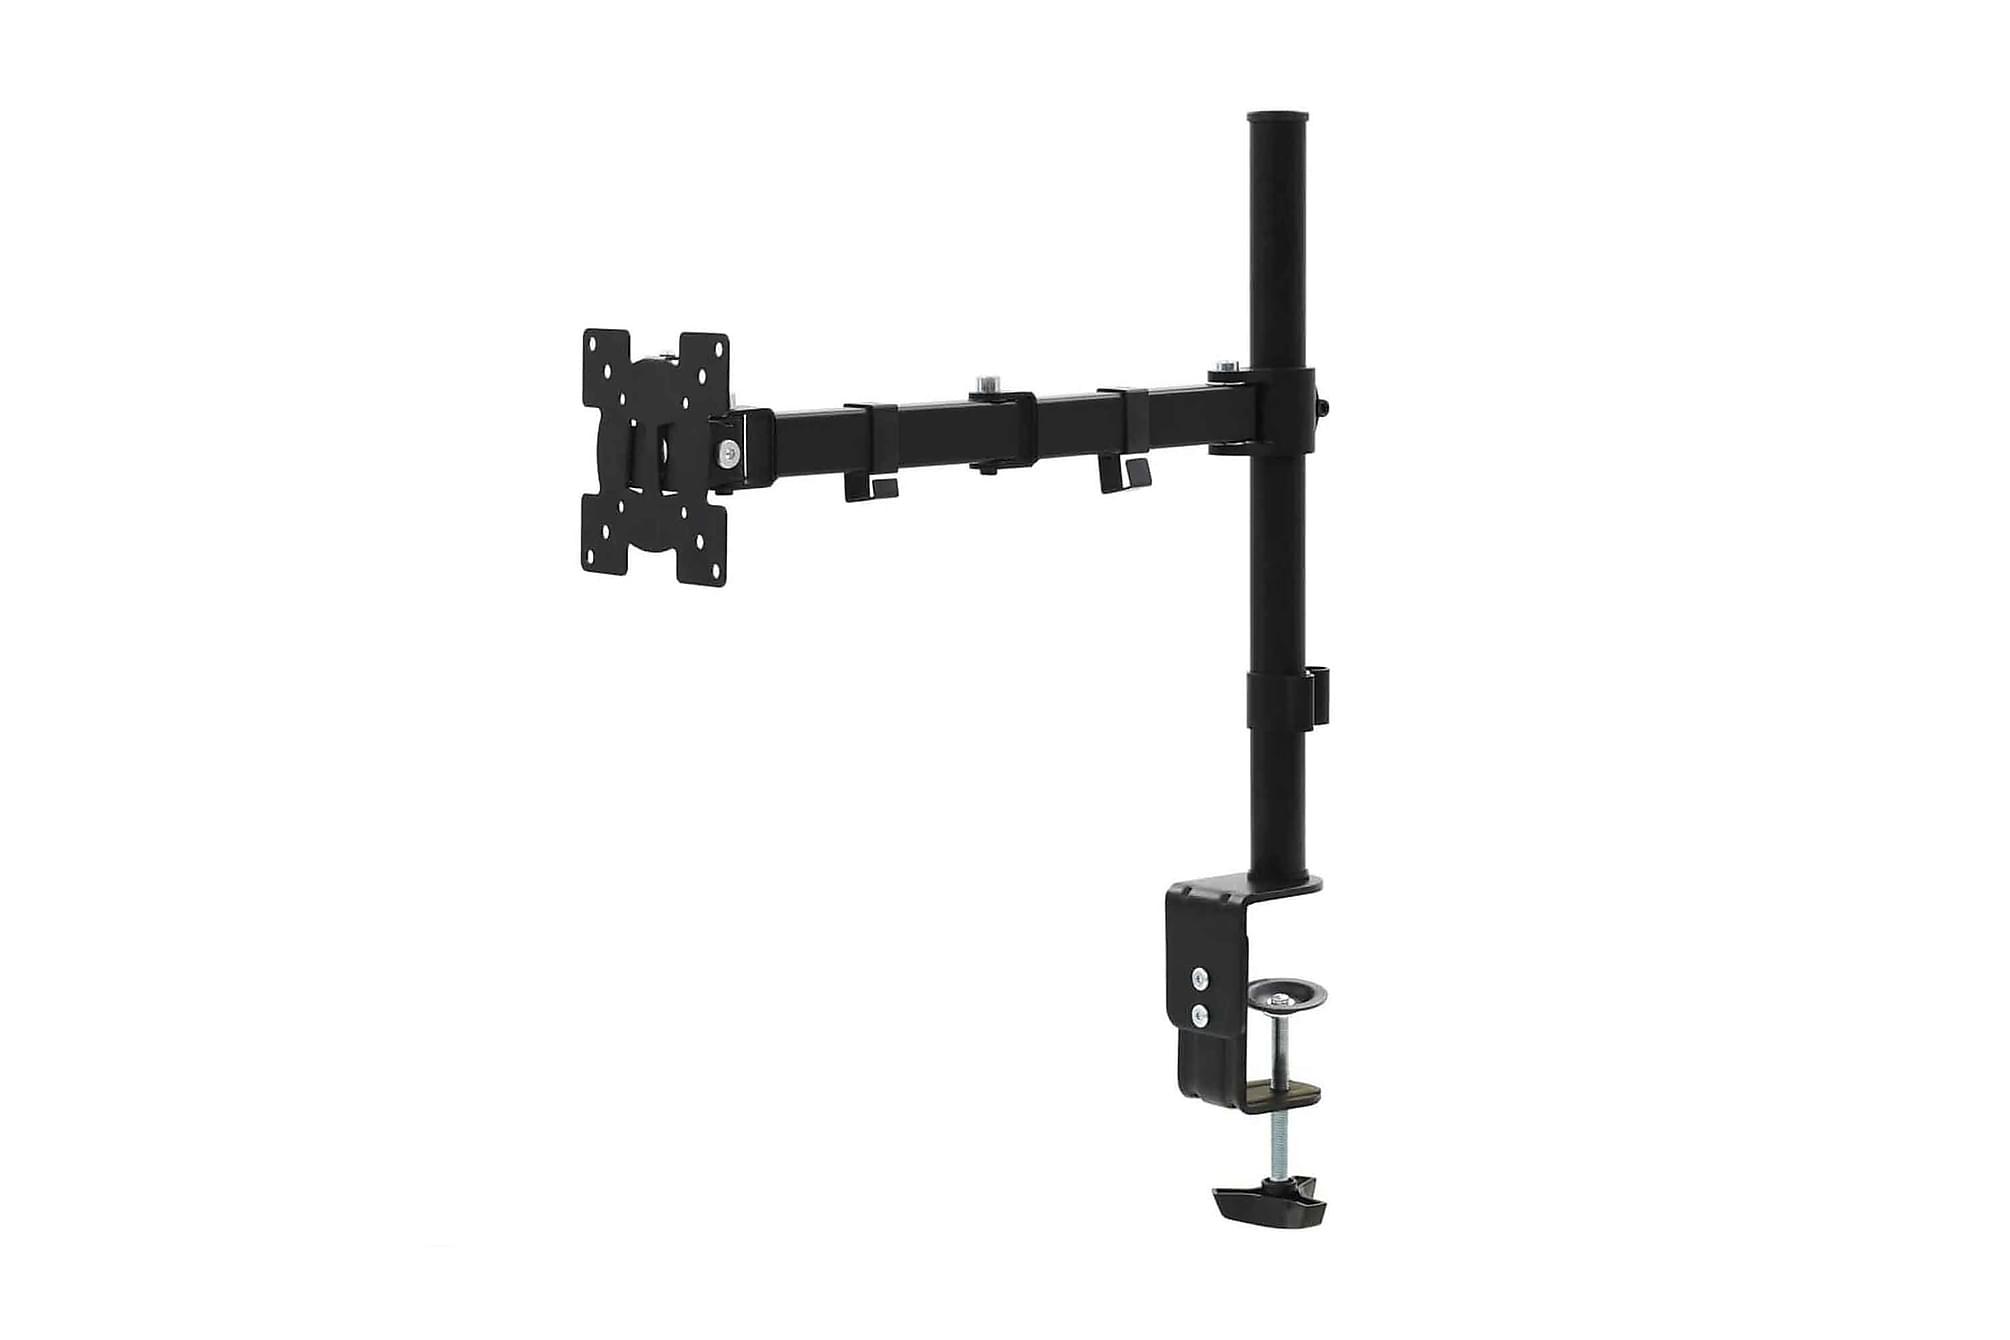 Skärmstativ 32 enkel arm höjdjusterbar, Tv-väggfästen